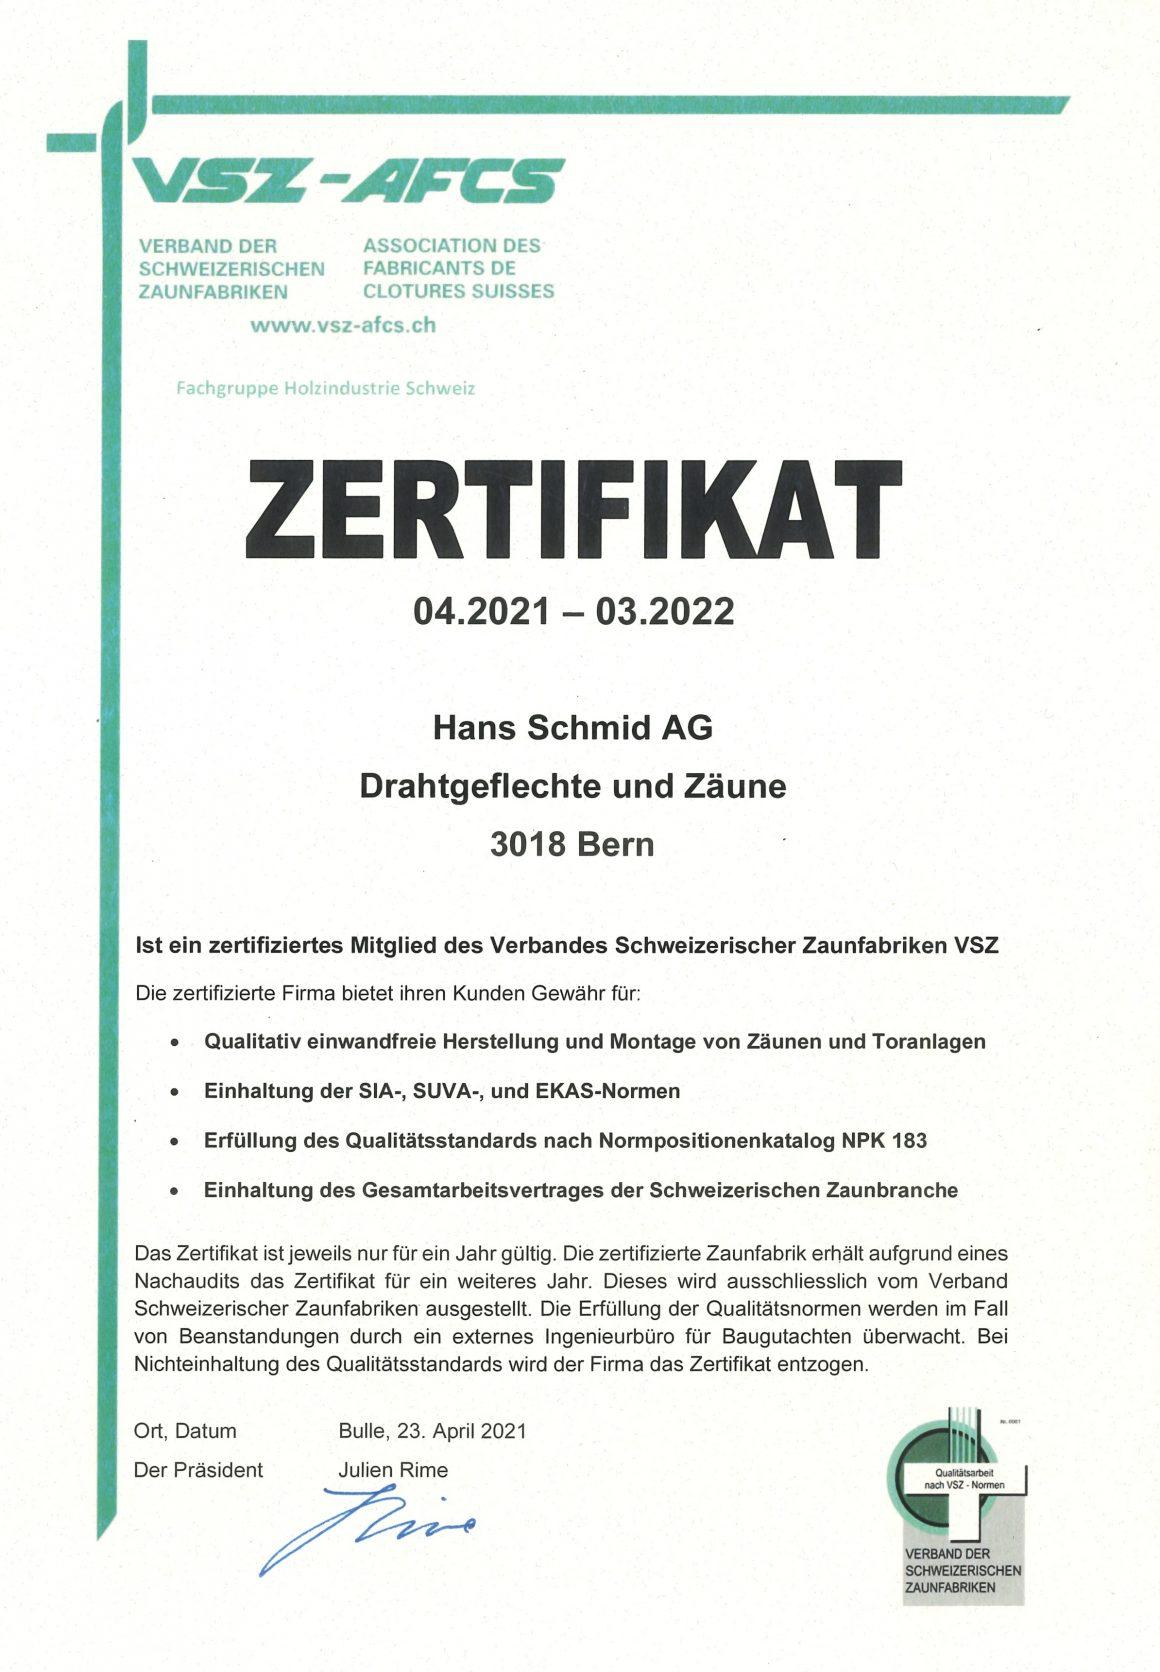 zertifikat-vsz-2021